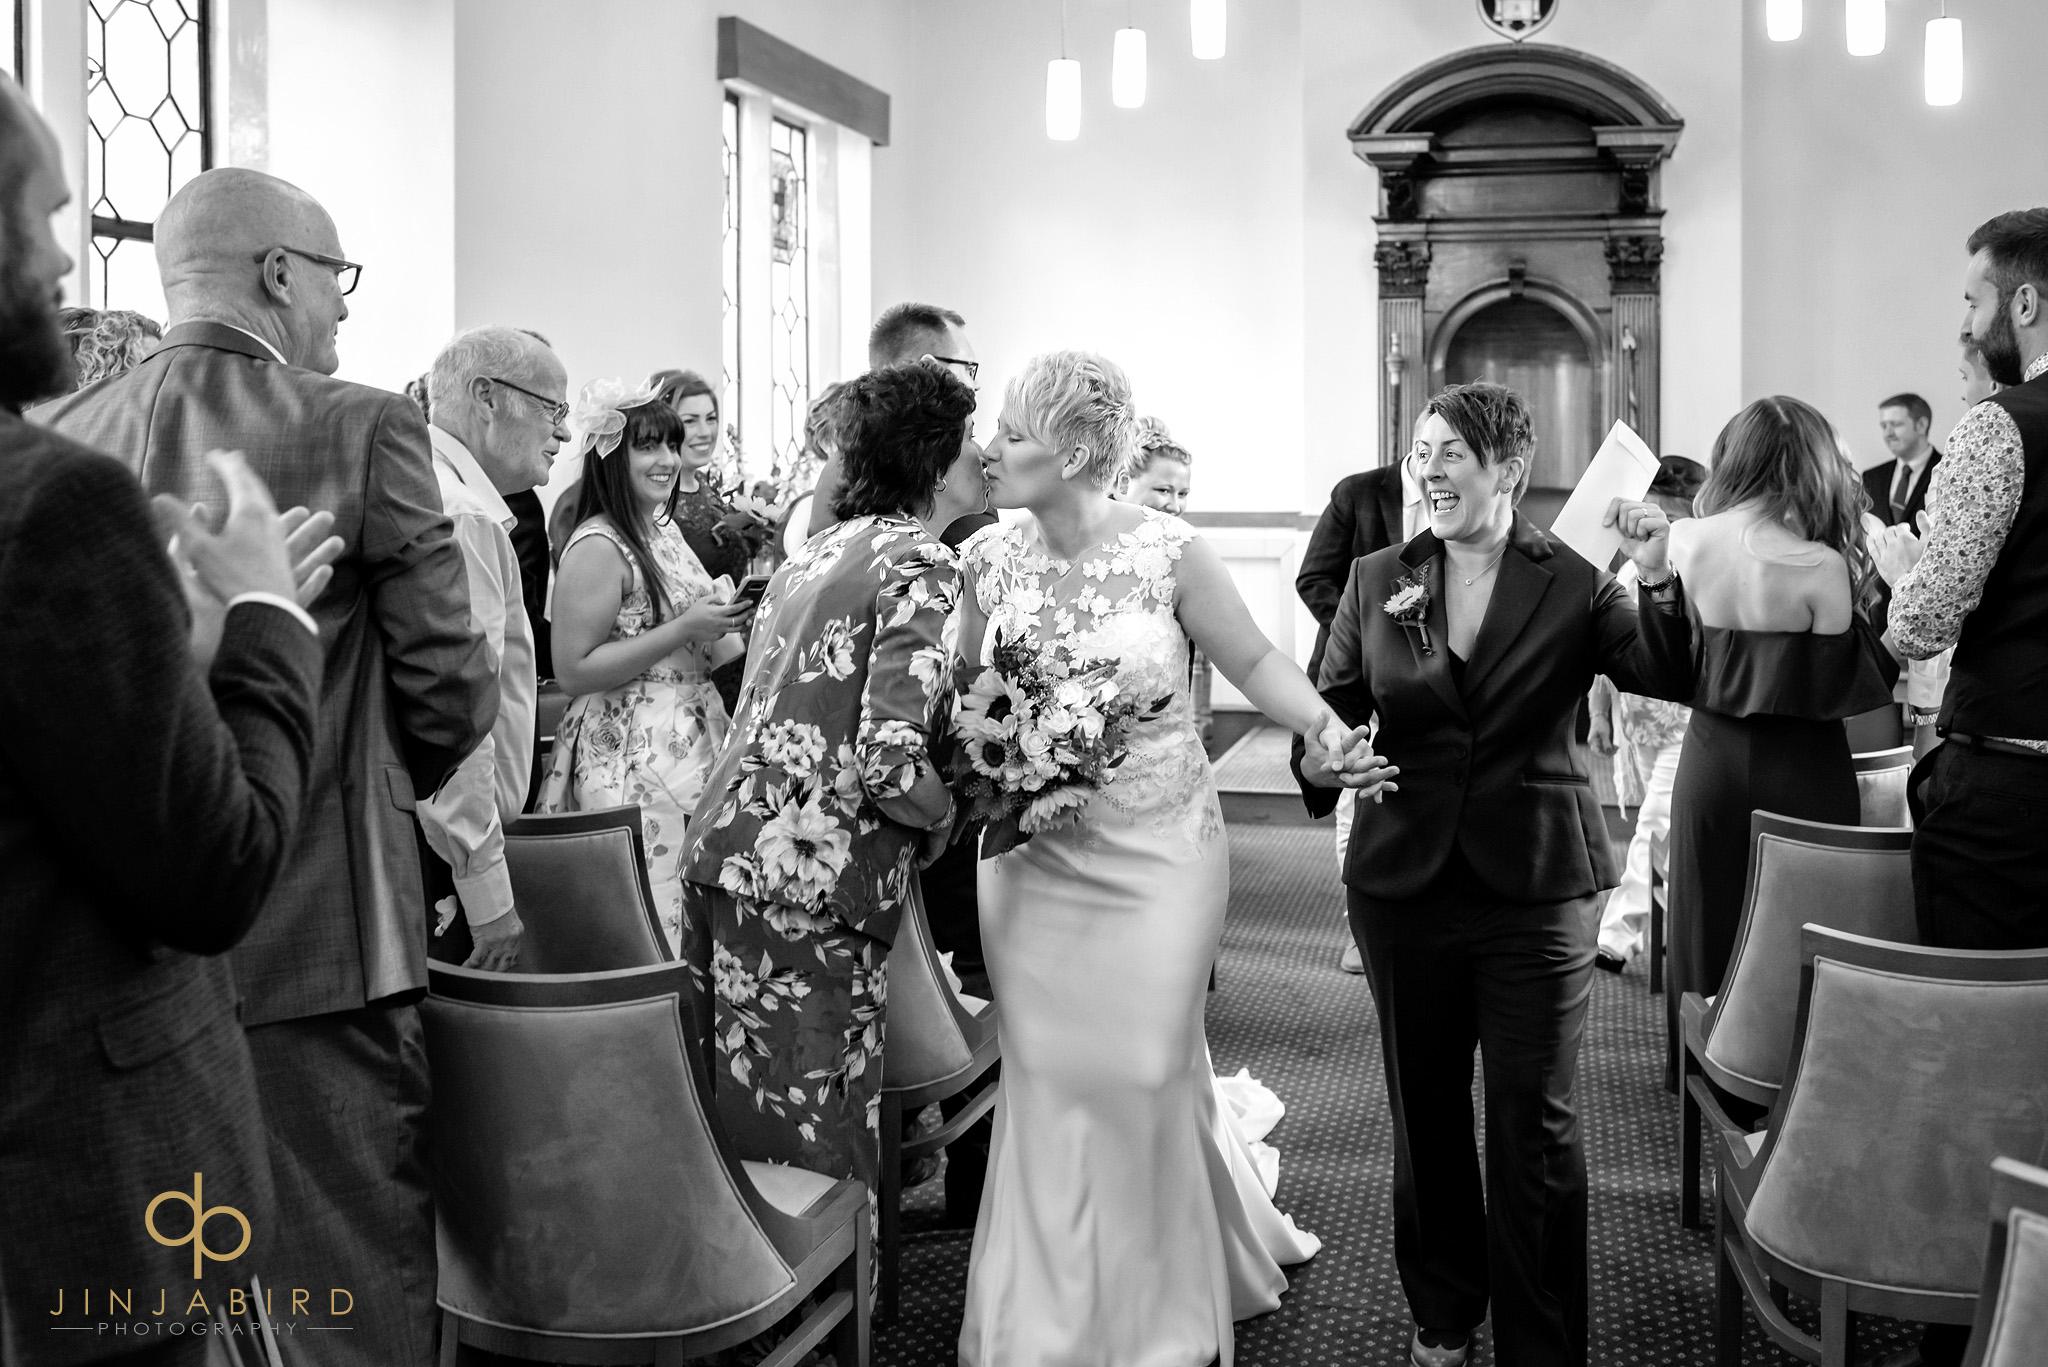 gay brides coming down aisle